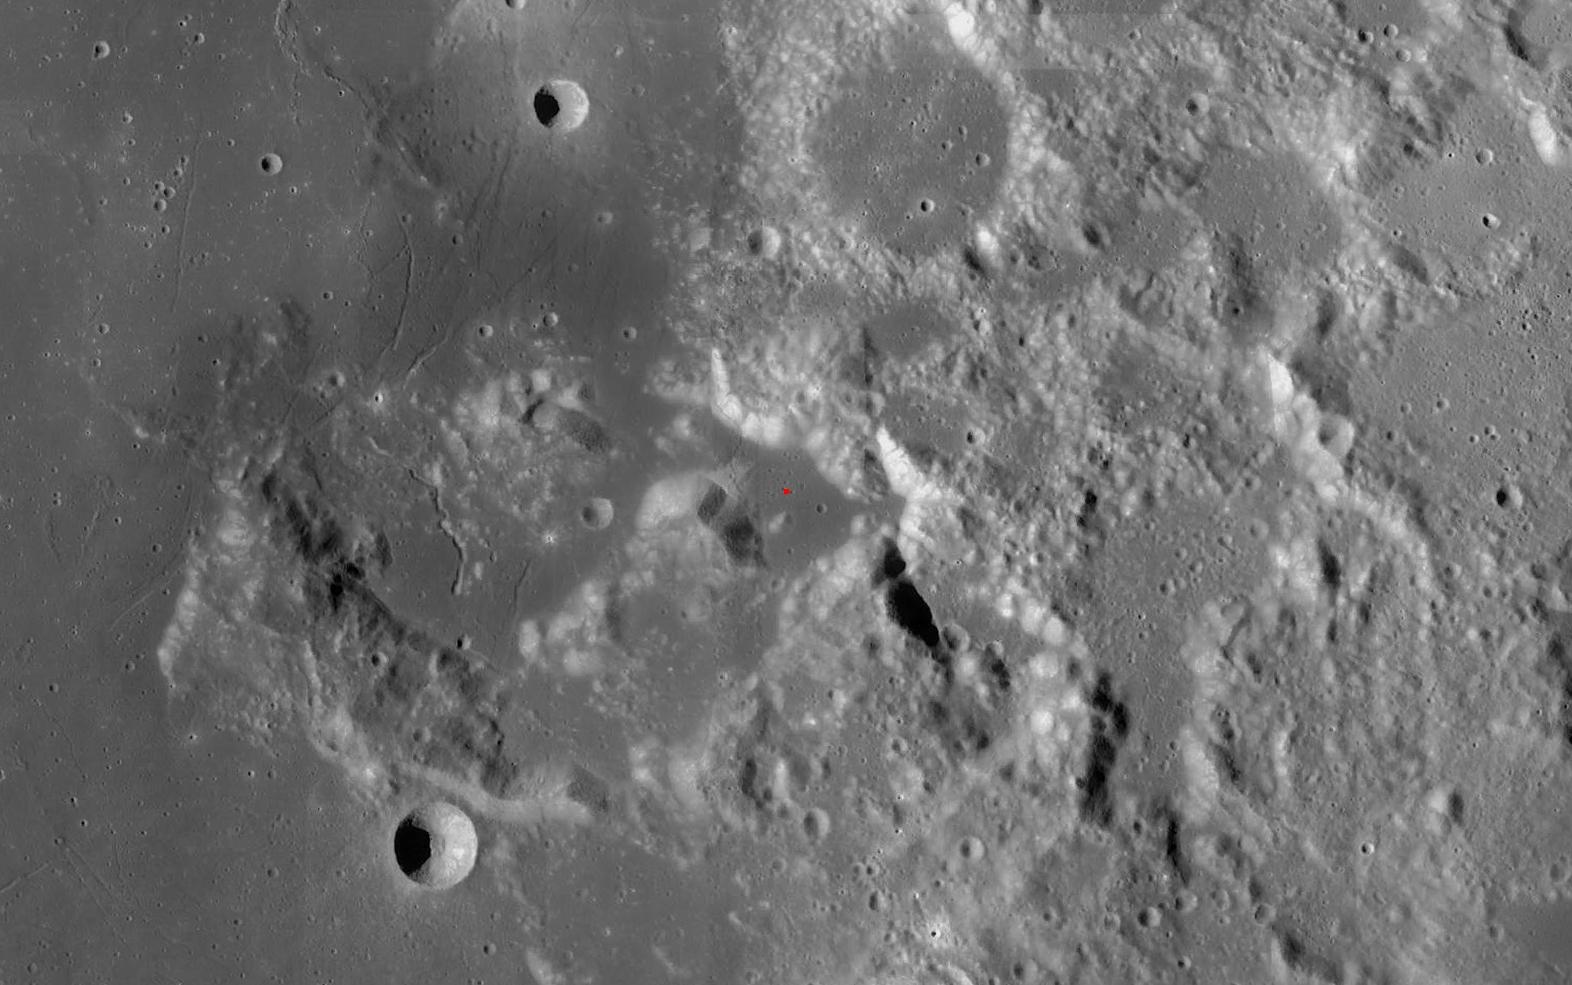 Místo přistání Apolla 17: U kráteru Litrow v pohoří Taurus, které se nachází mezi Mořem jasu a Mořem klidu